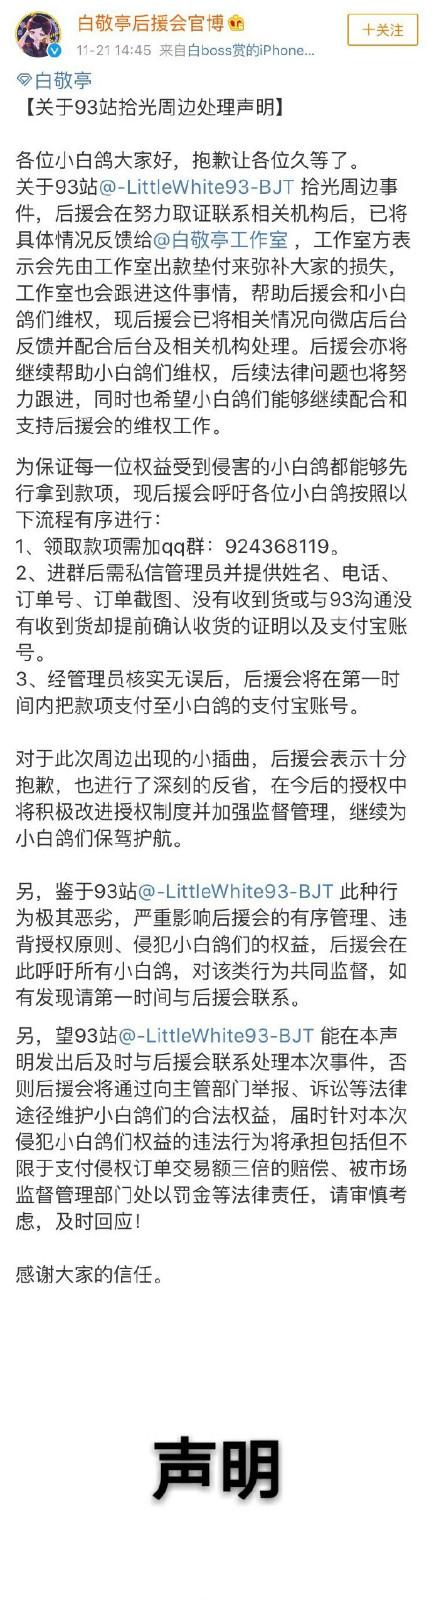 白敬亭后援会发布声明:工作室出款垫钱弥补粉丝损失